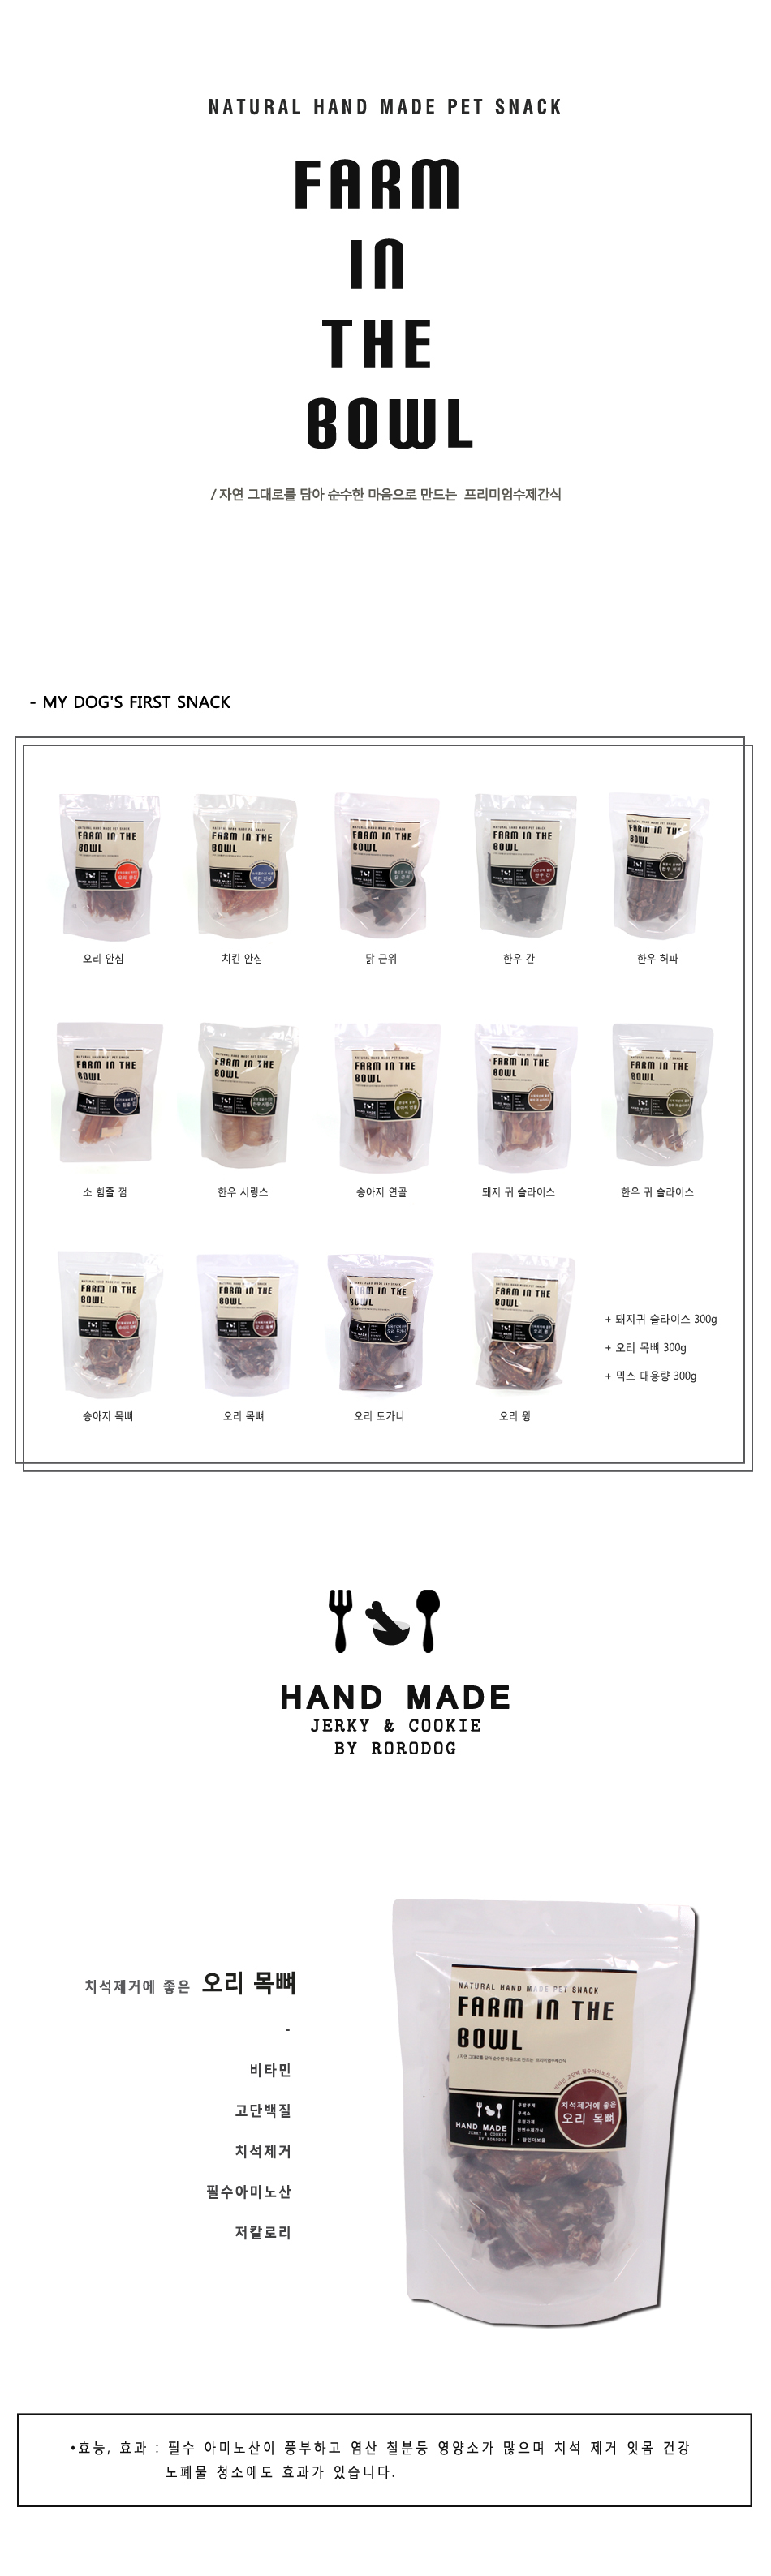 로로독 팜인더보울 오리목뼈 300g - 로로독, 13,000원, 간식/영양제, 수제간식